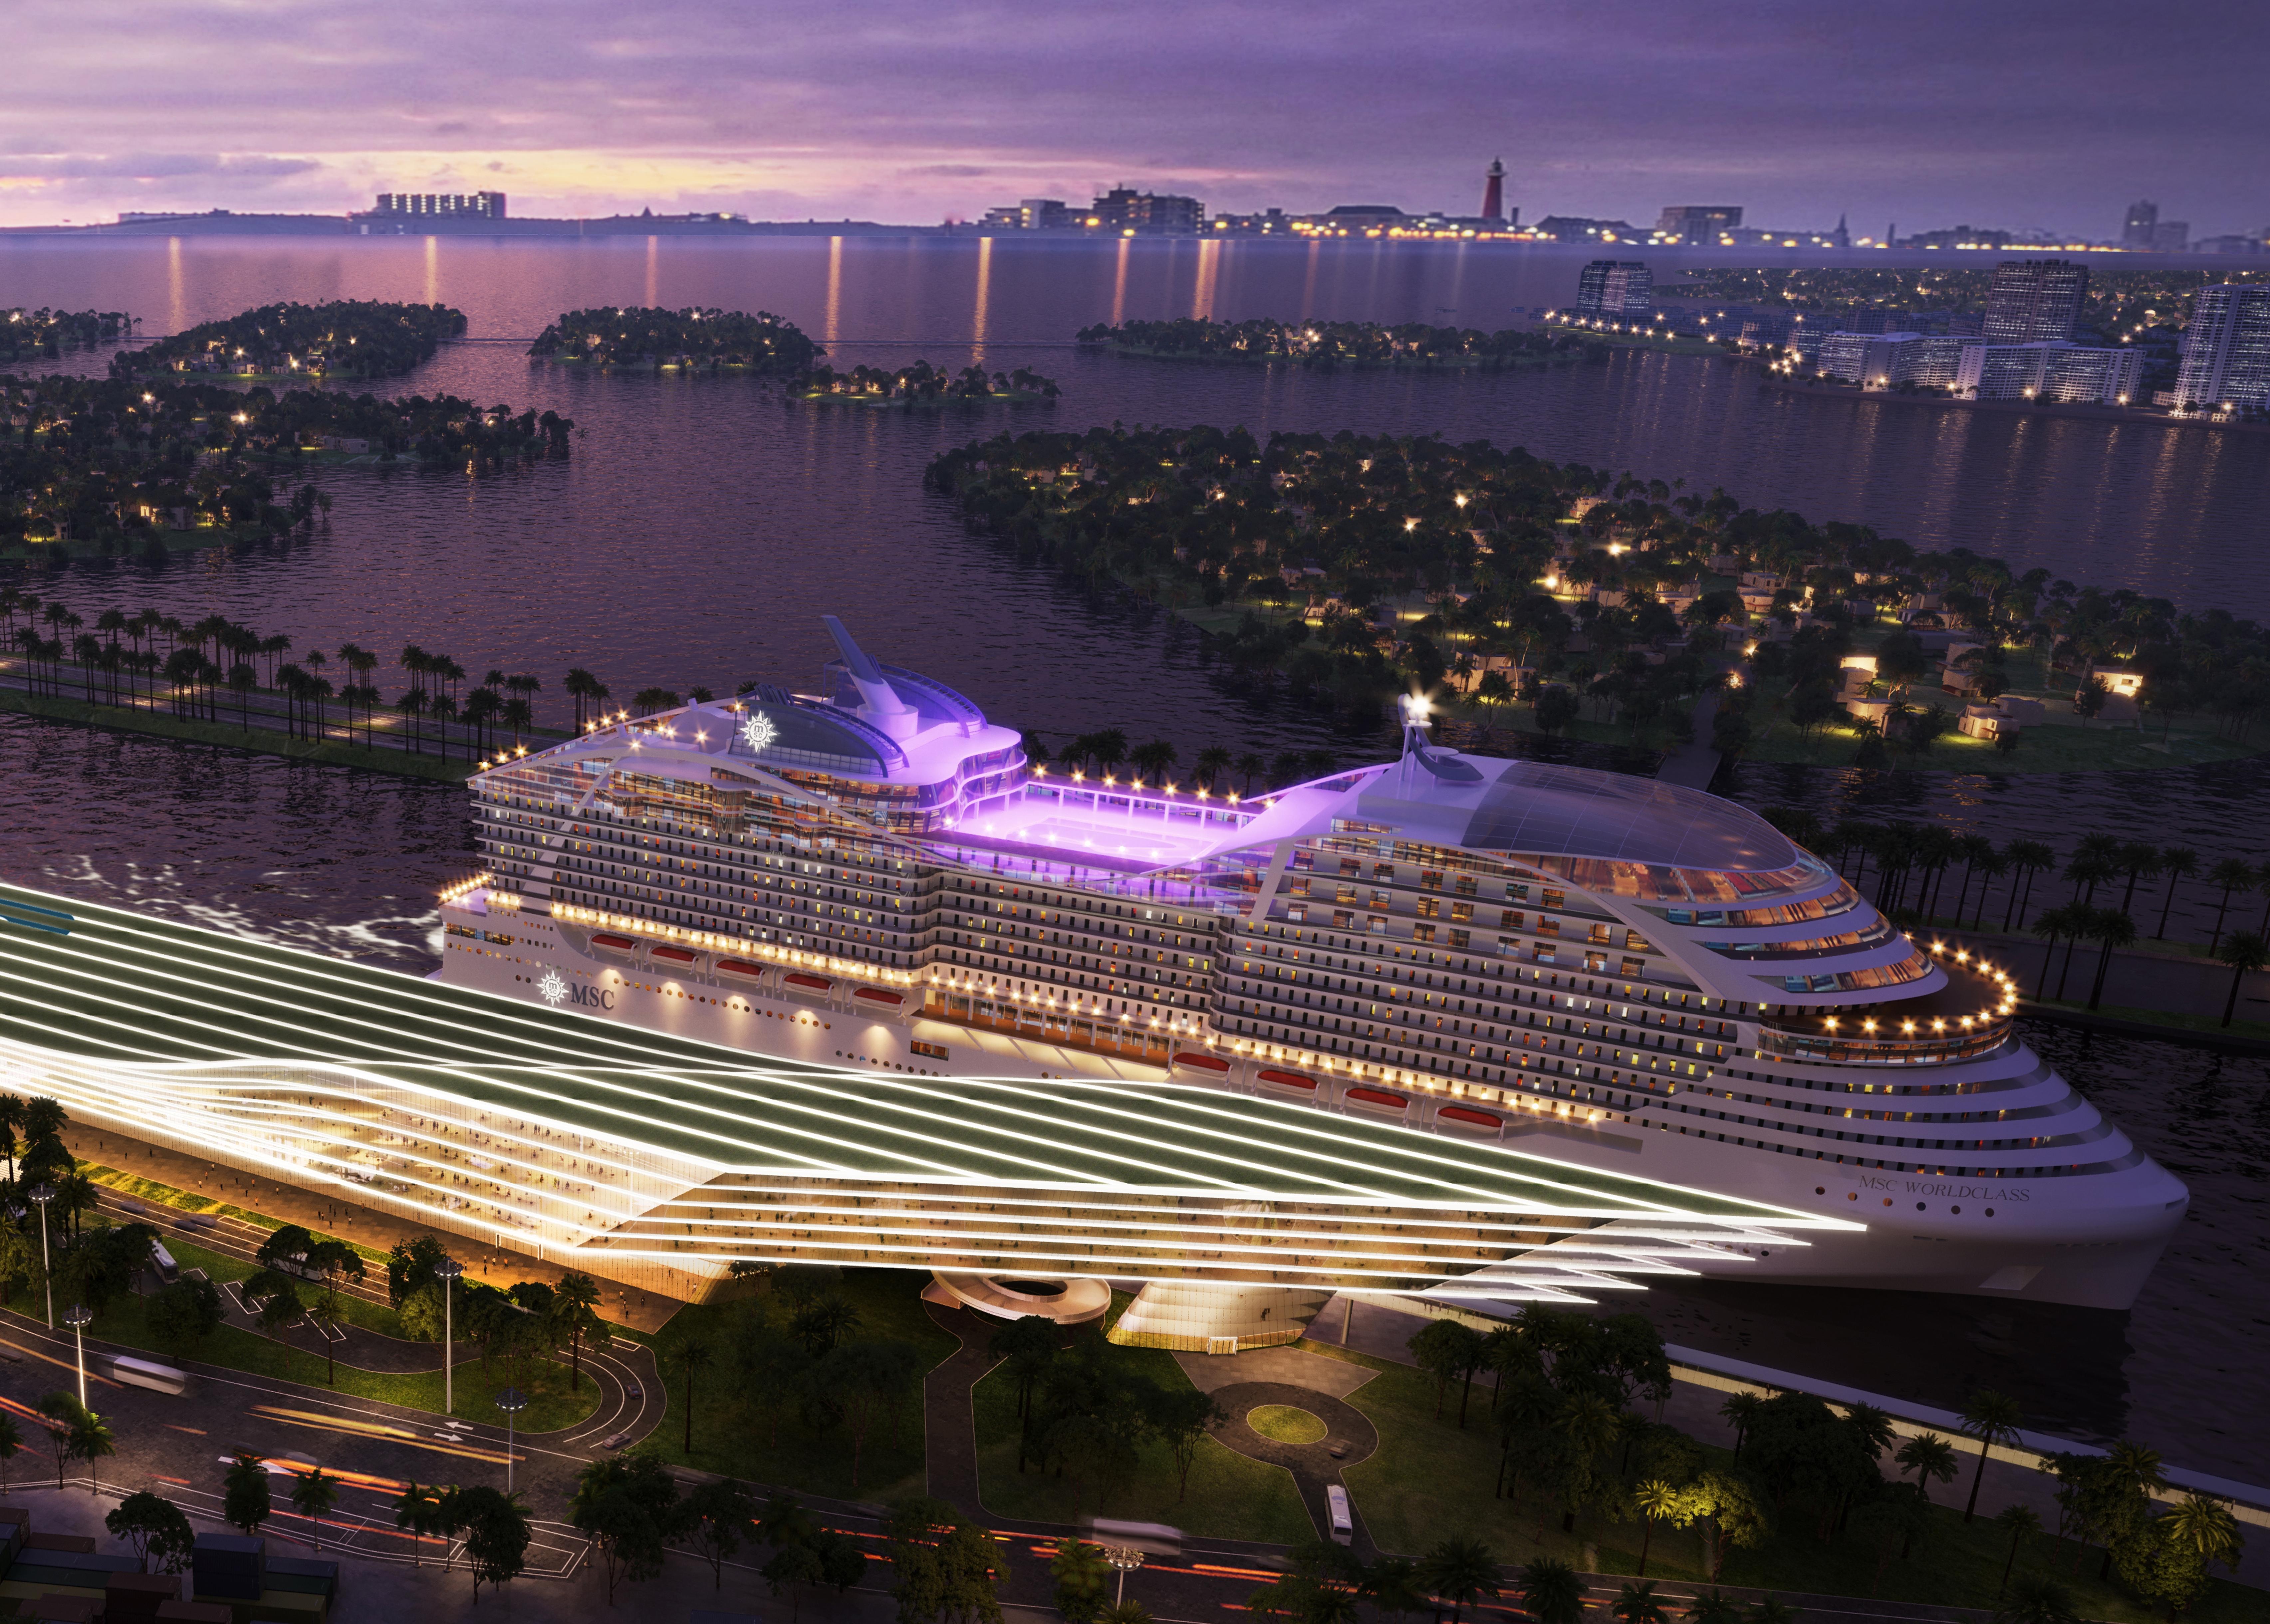 Arkitekttegning af MSC Cruises kommende terminal i Port Miami, hvor rederiet forventer at have op til en million passagerer om året. Illustration: MSC Cruises.